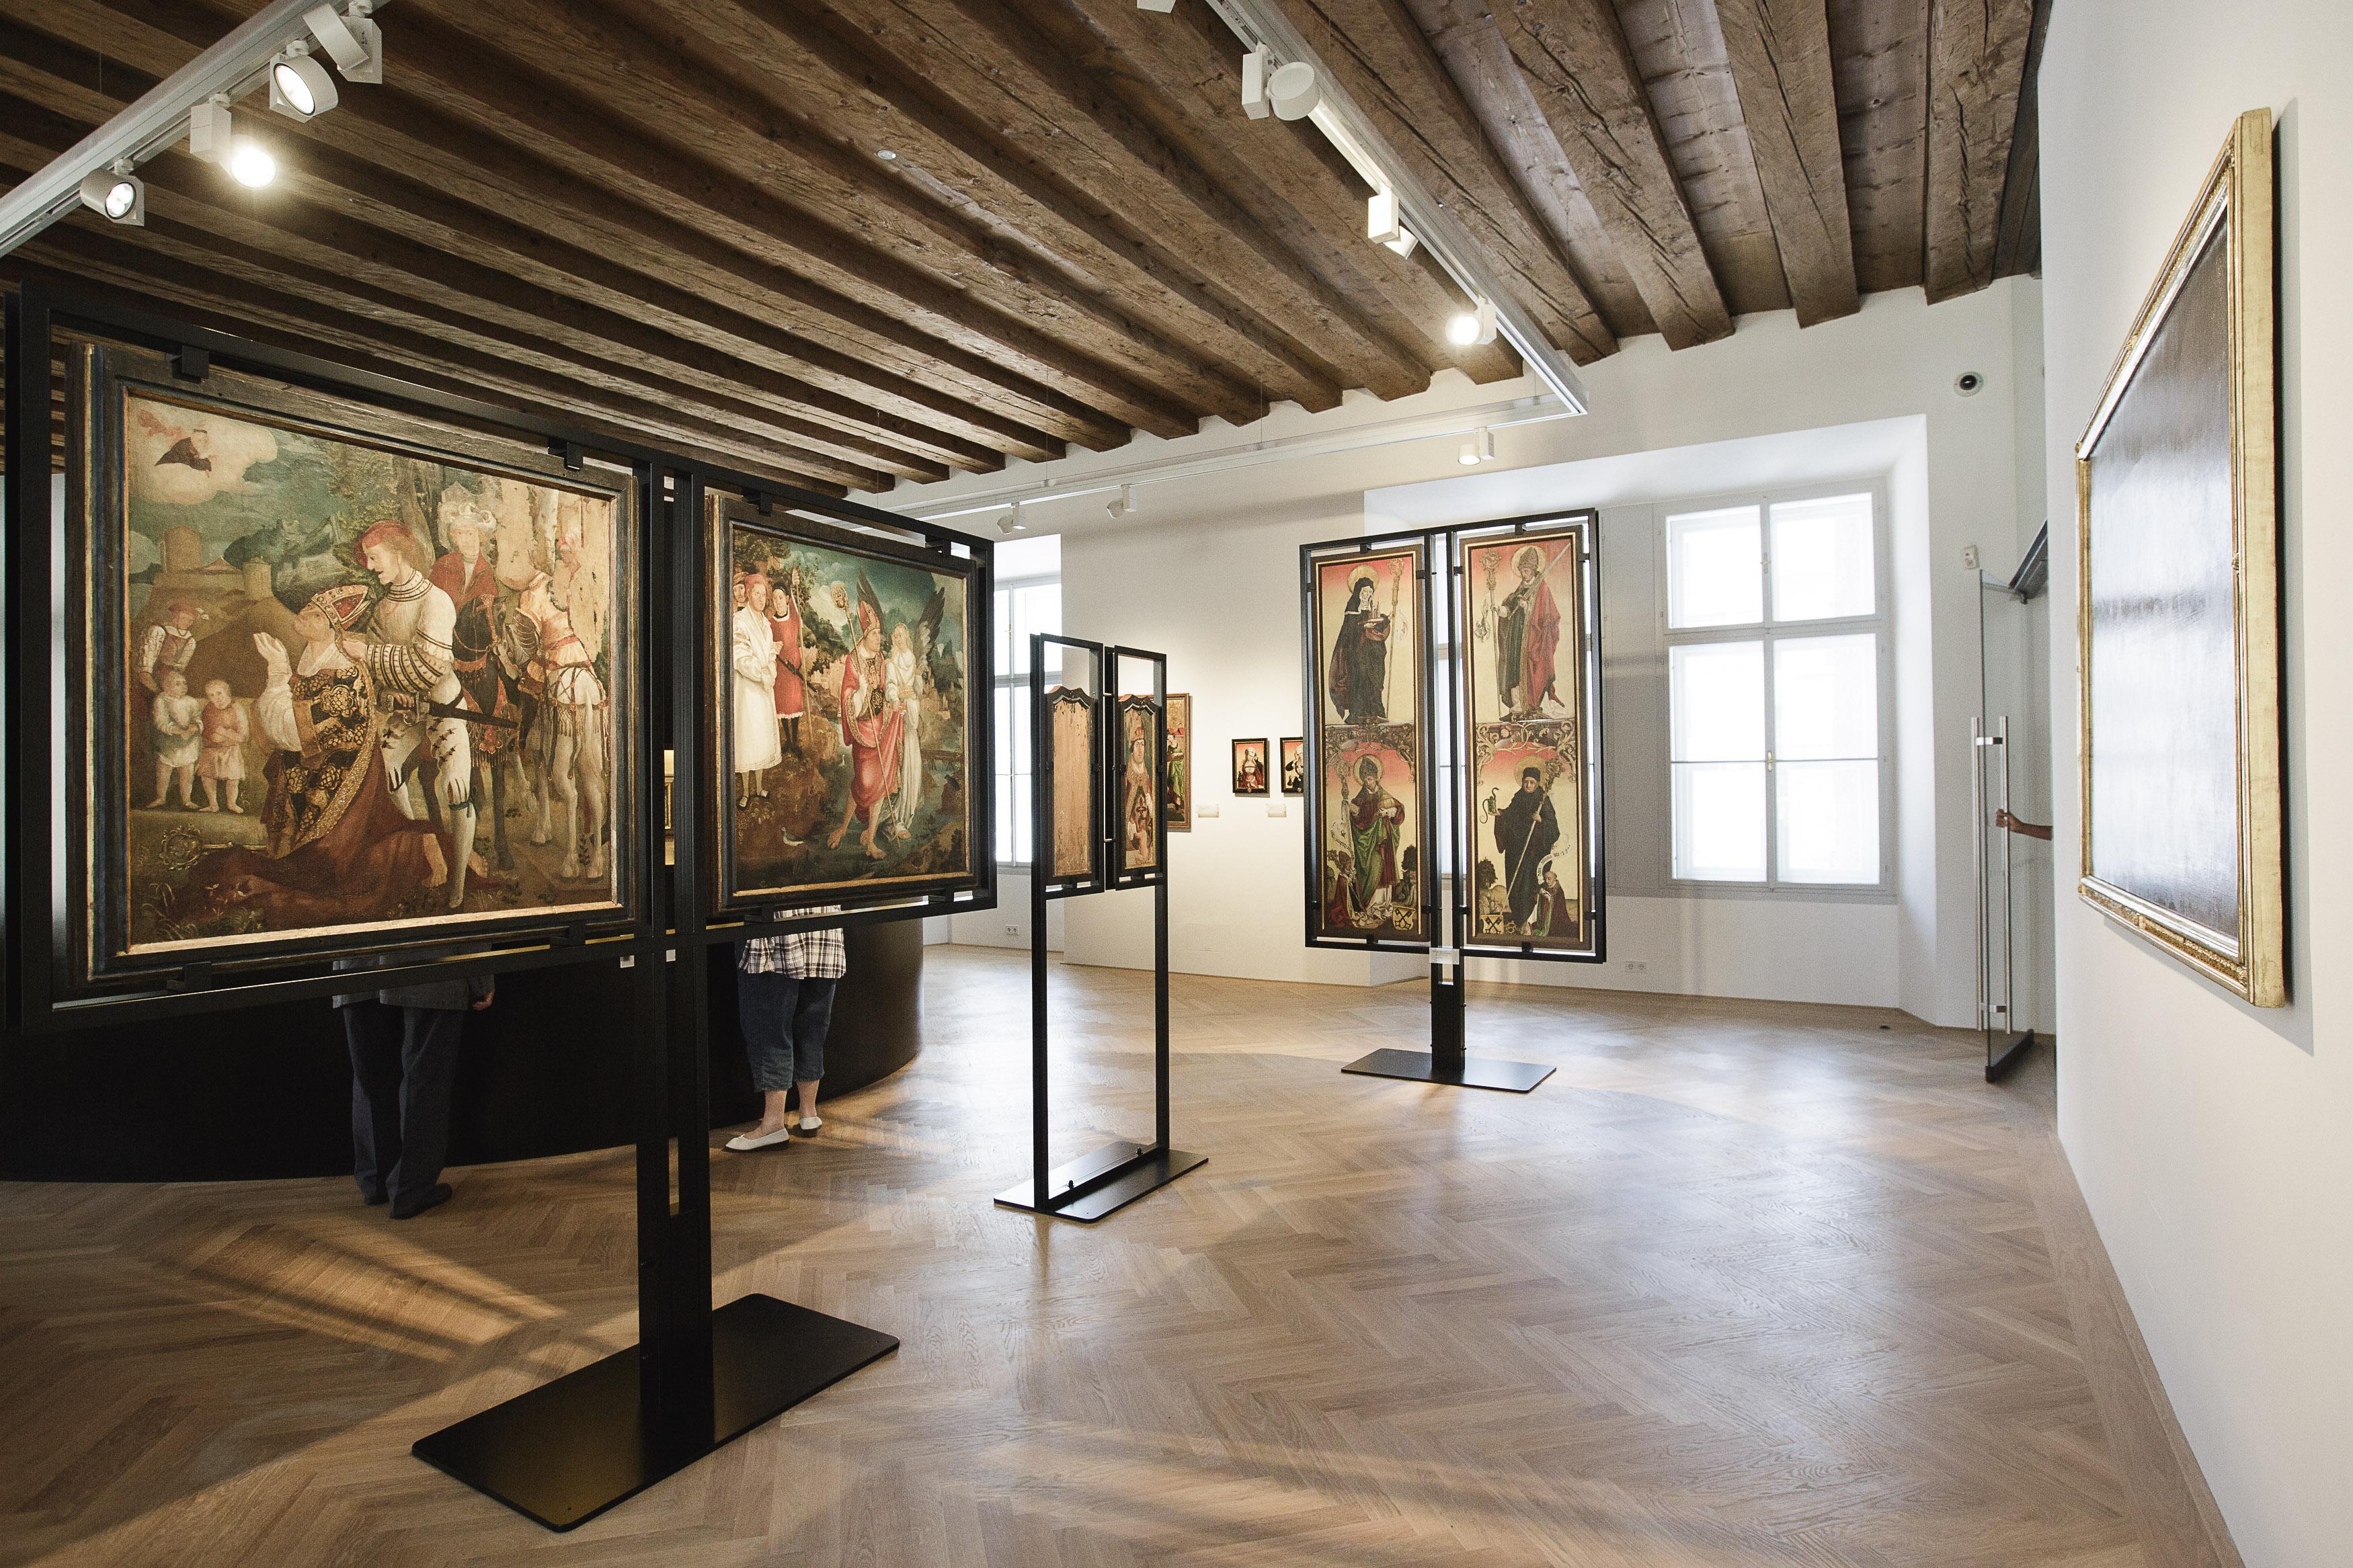 Veranstaltung 1300 Jahre Klostergeschichte – Museum St. Peter im DomQuartier Salzburg